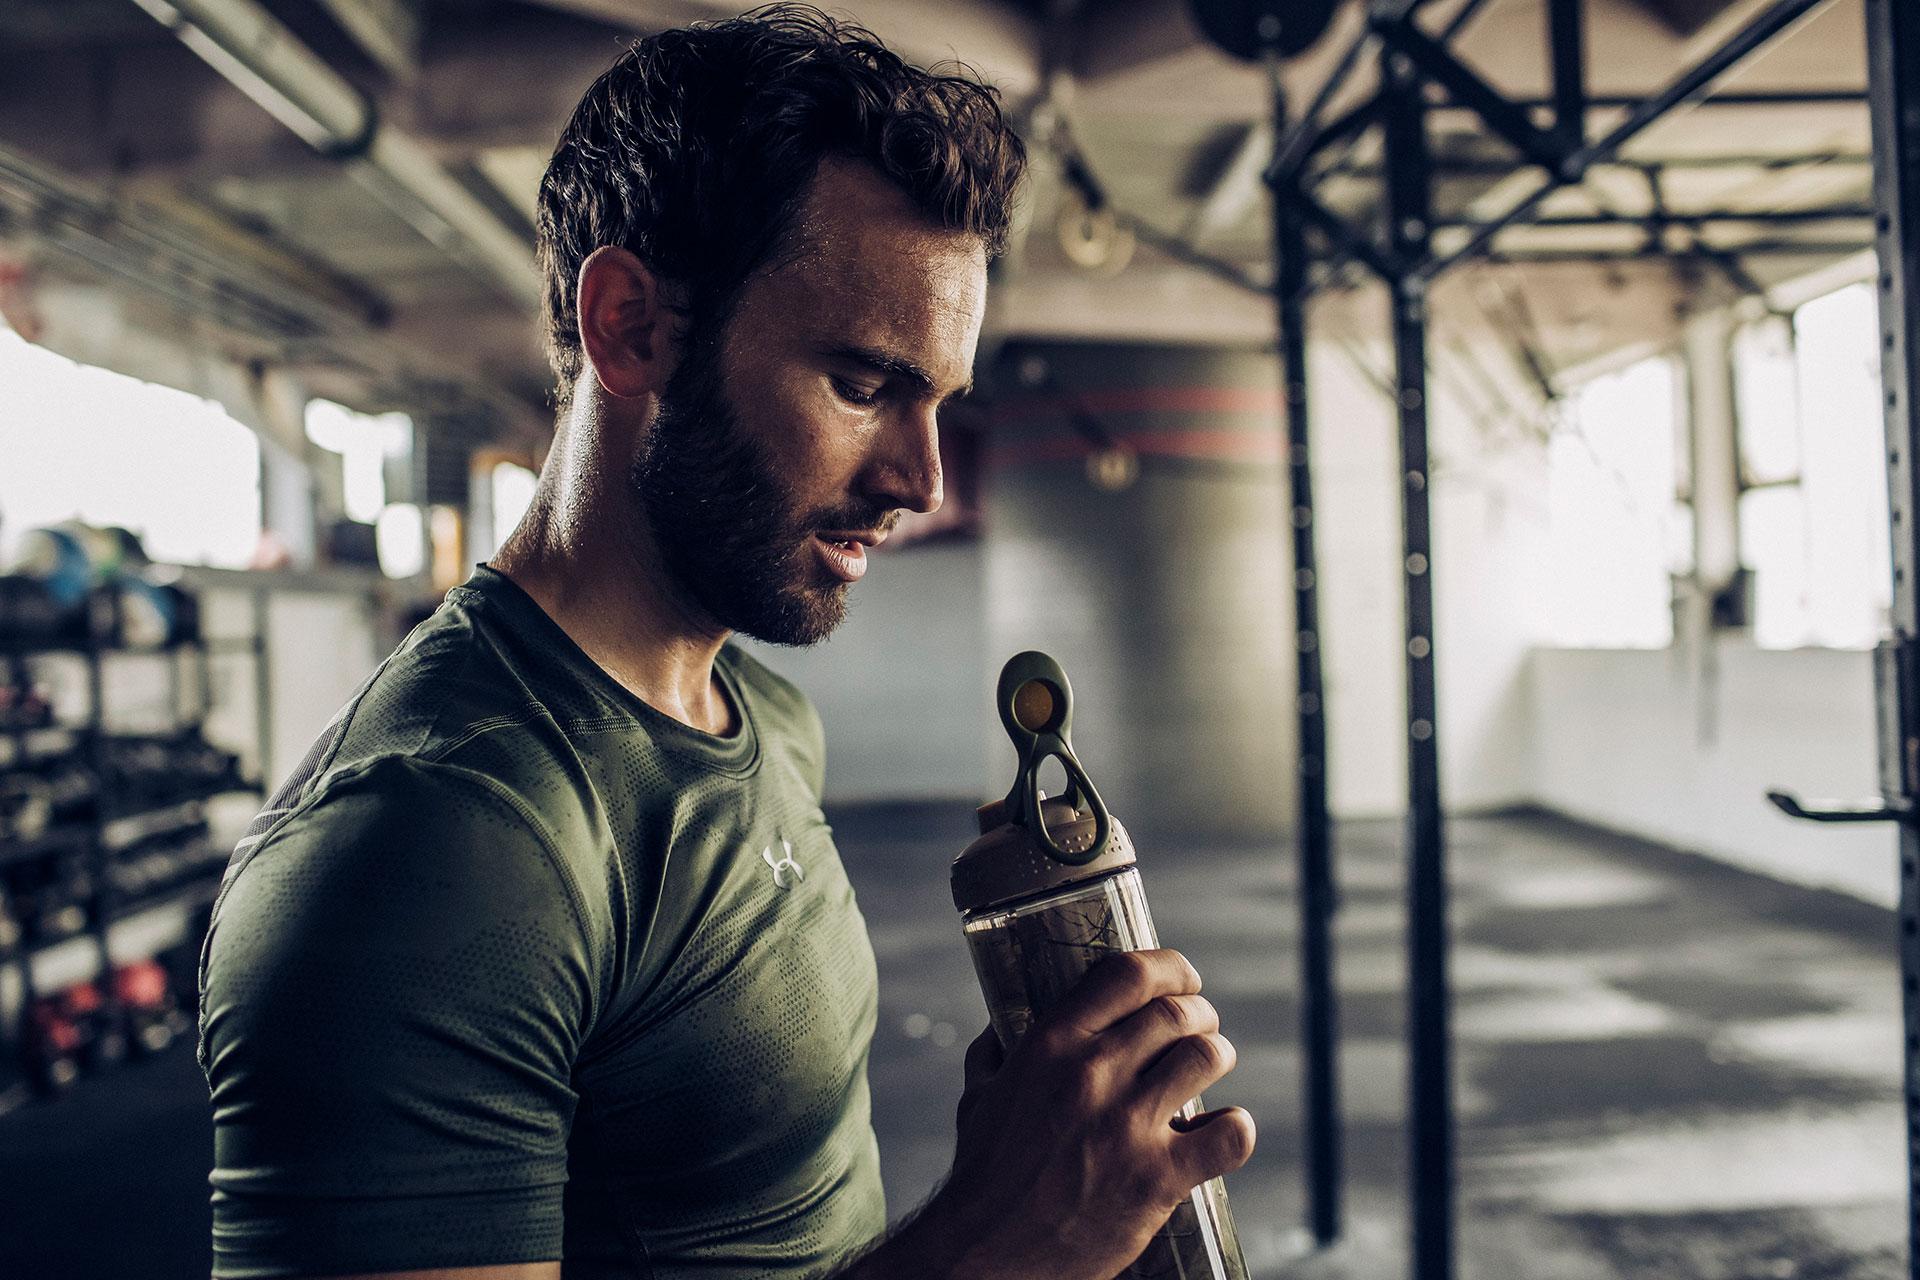 fotograf fitness training sport crossfit deutschland nuernberg trinken